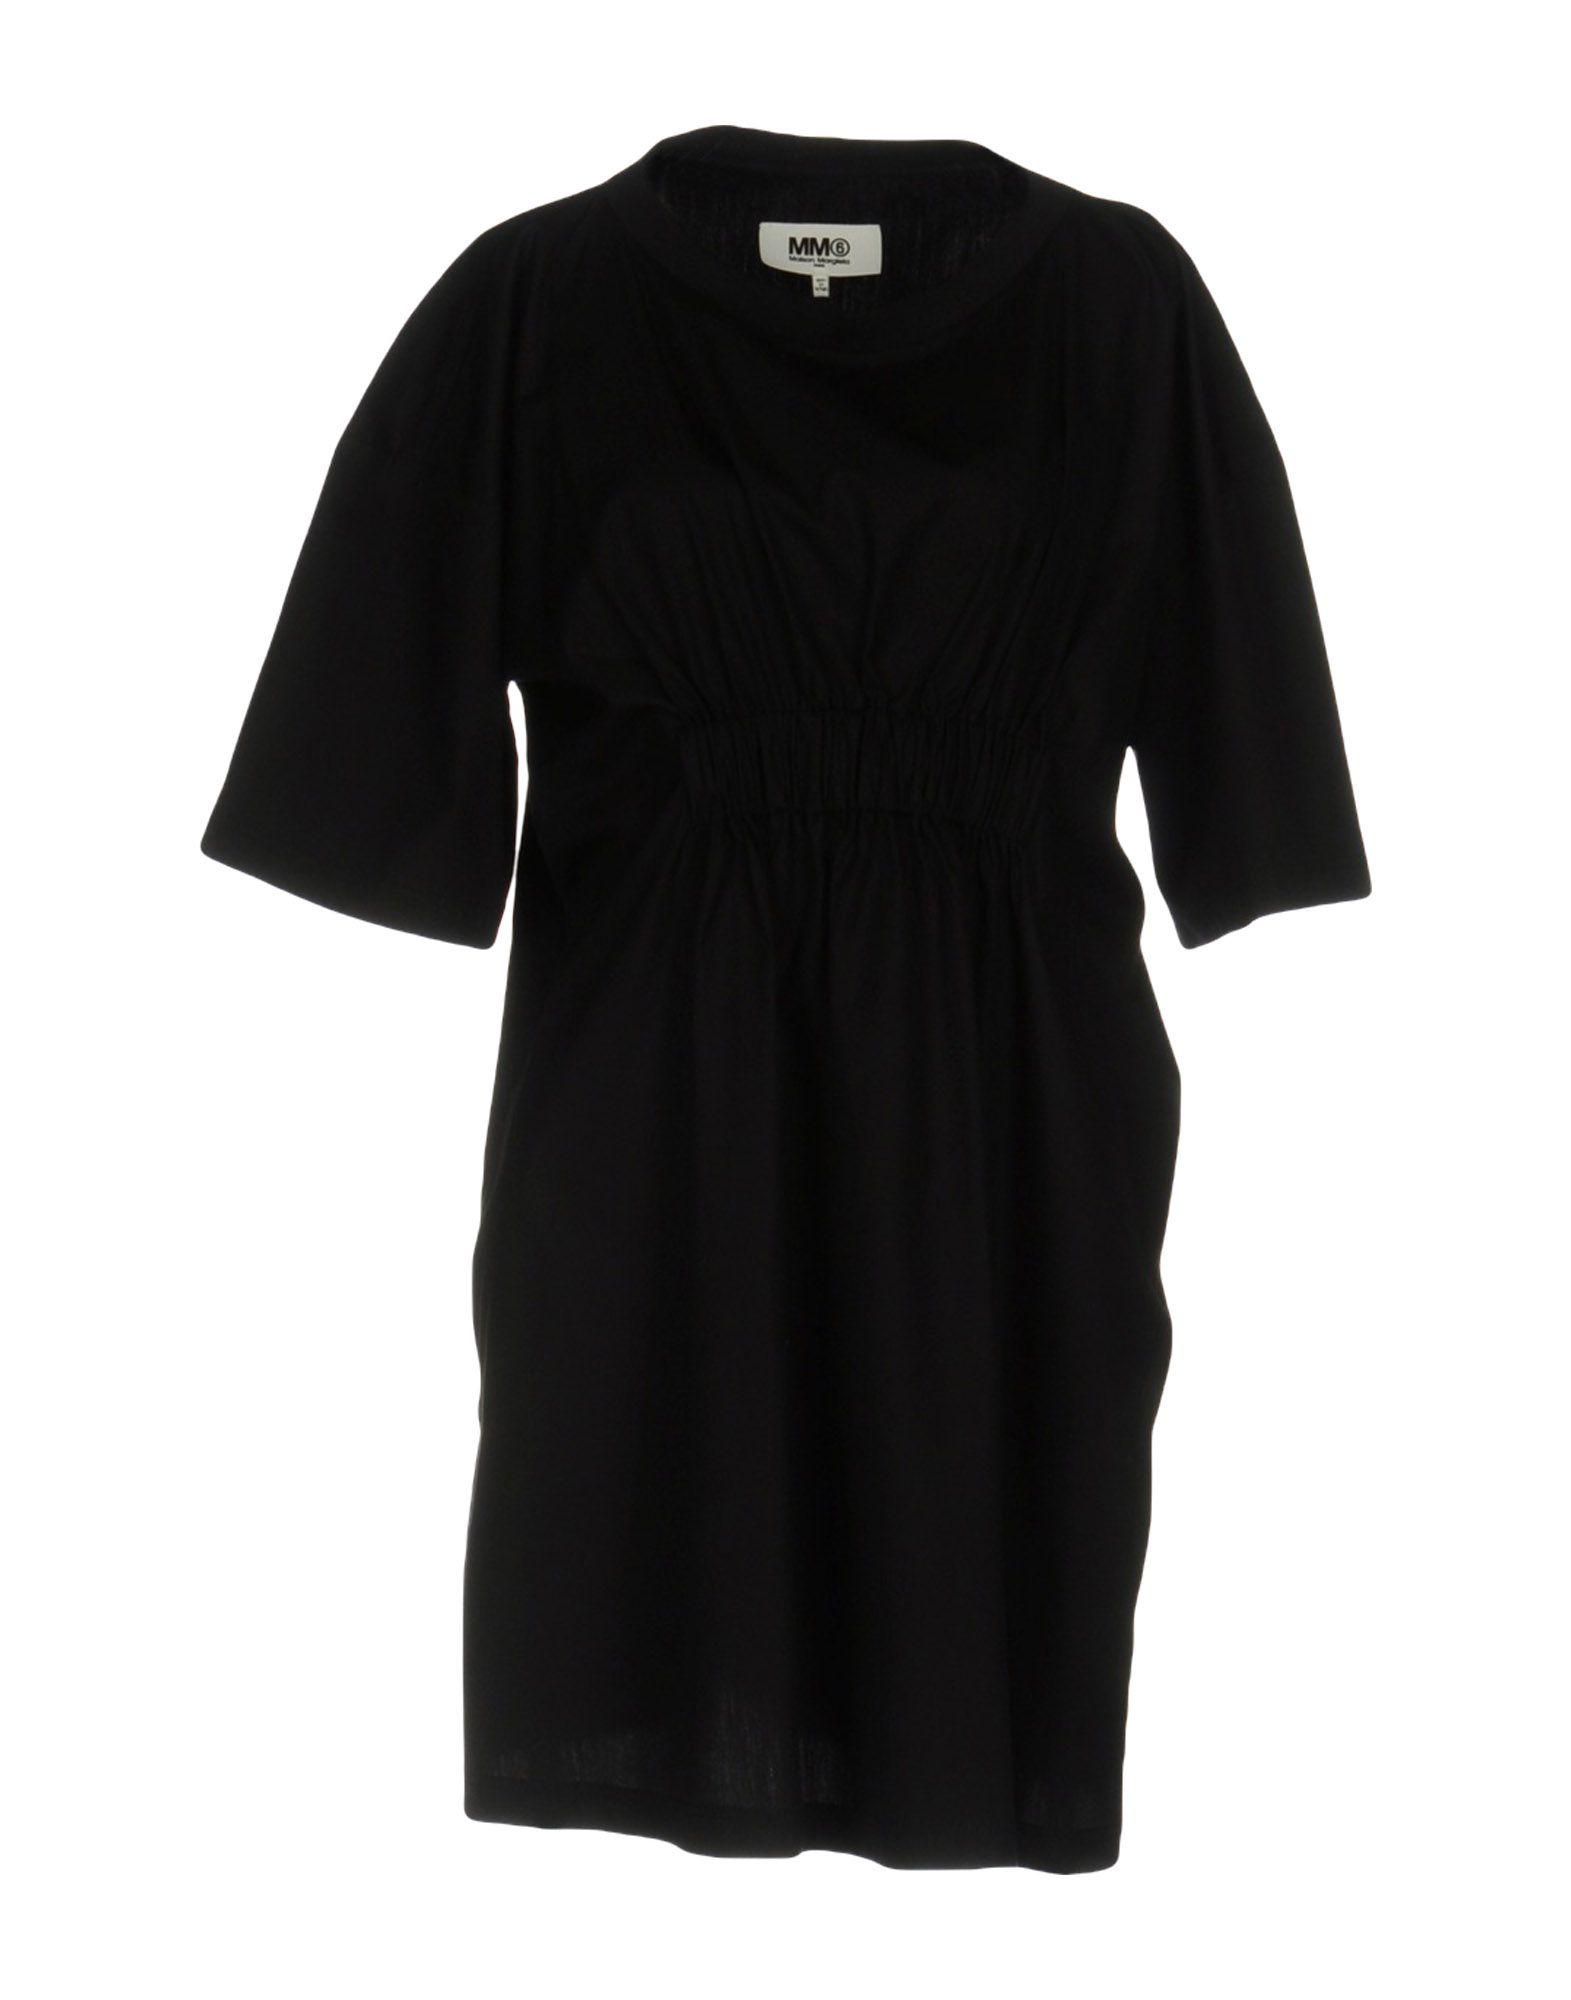 купить MM6 MAISON MARGIELA Короткое платье по цене 6700 рублей